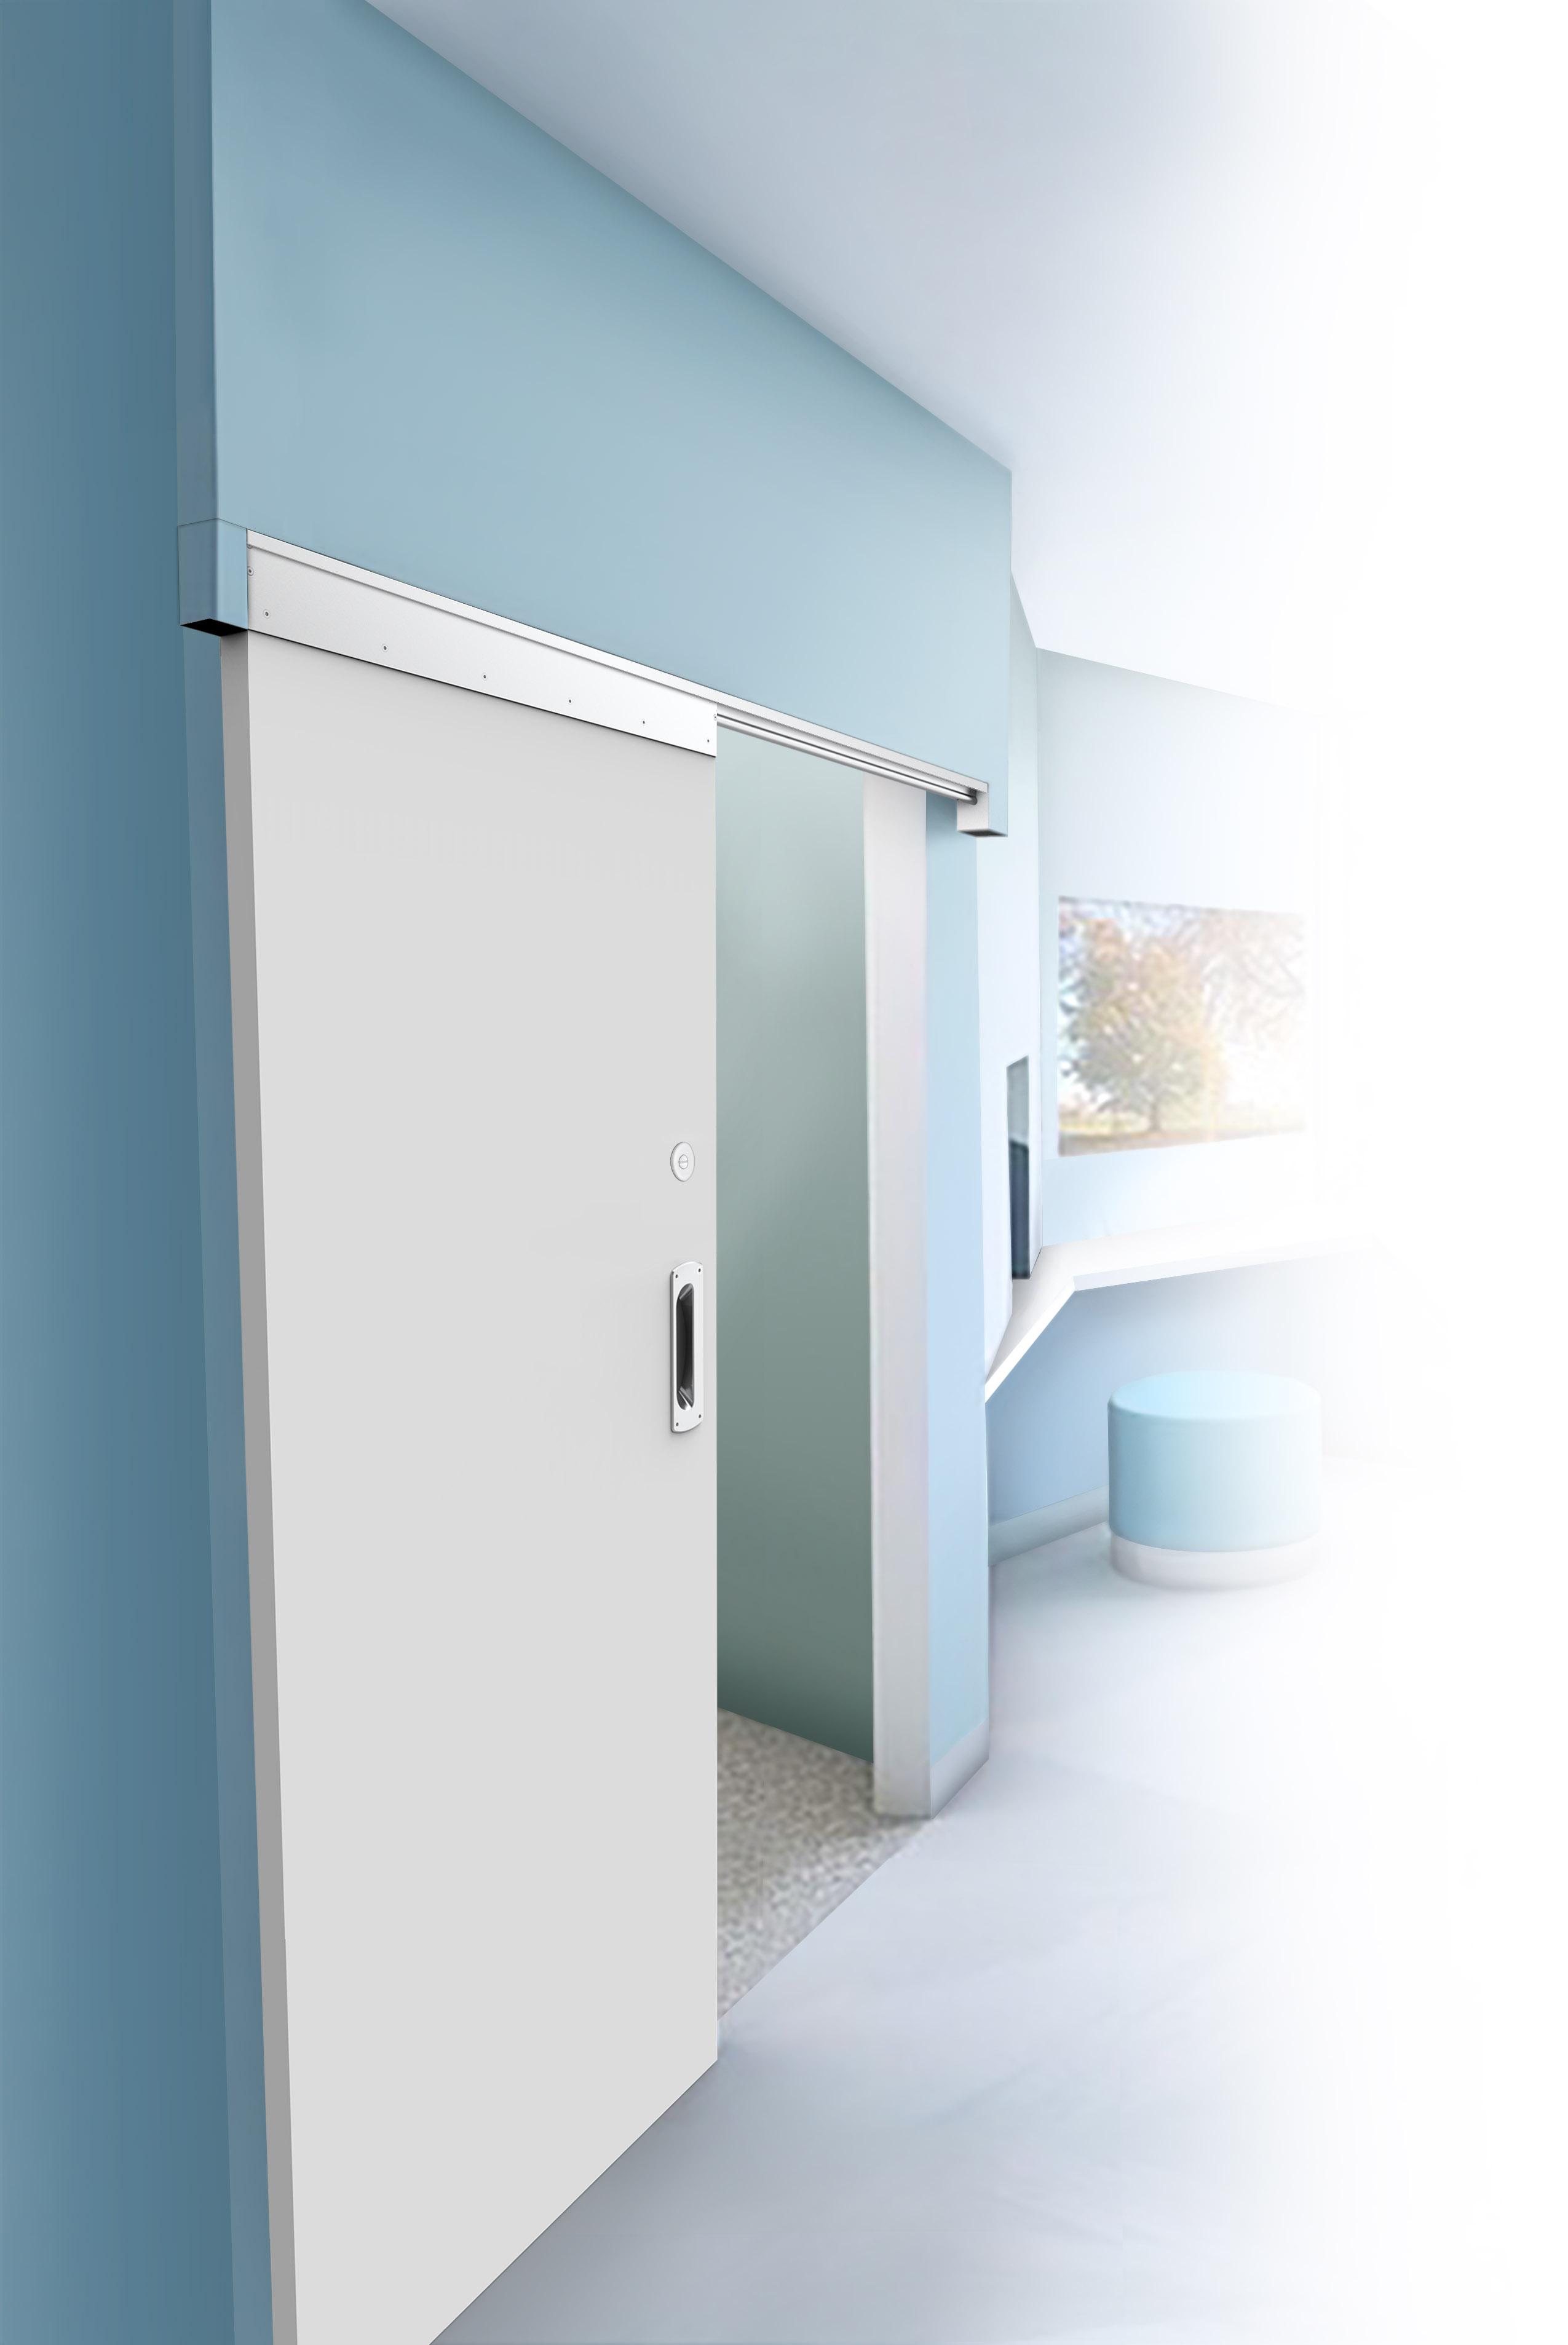 Ligature Resistant Sliding Door System (LR-SDS)